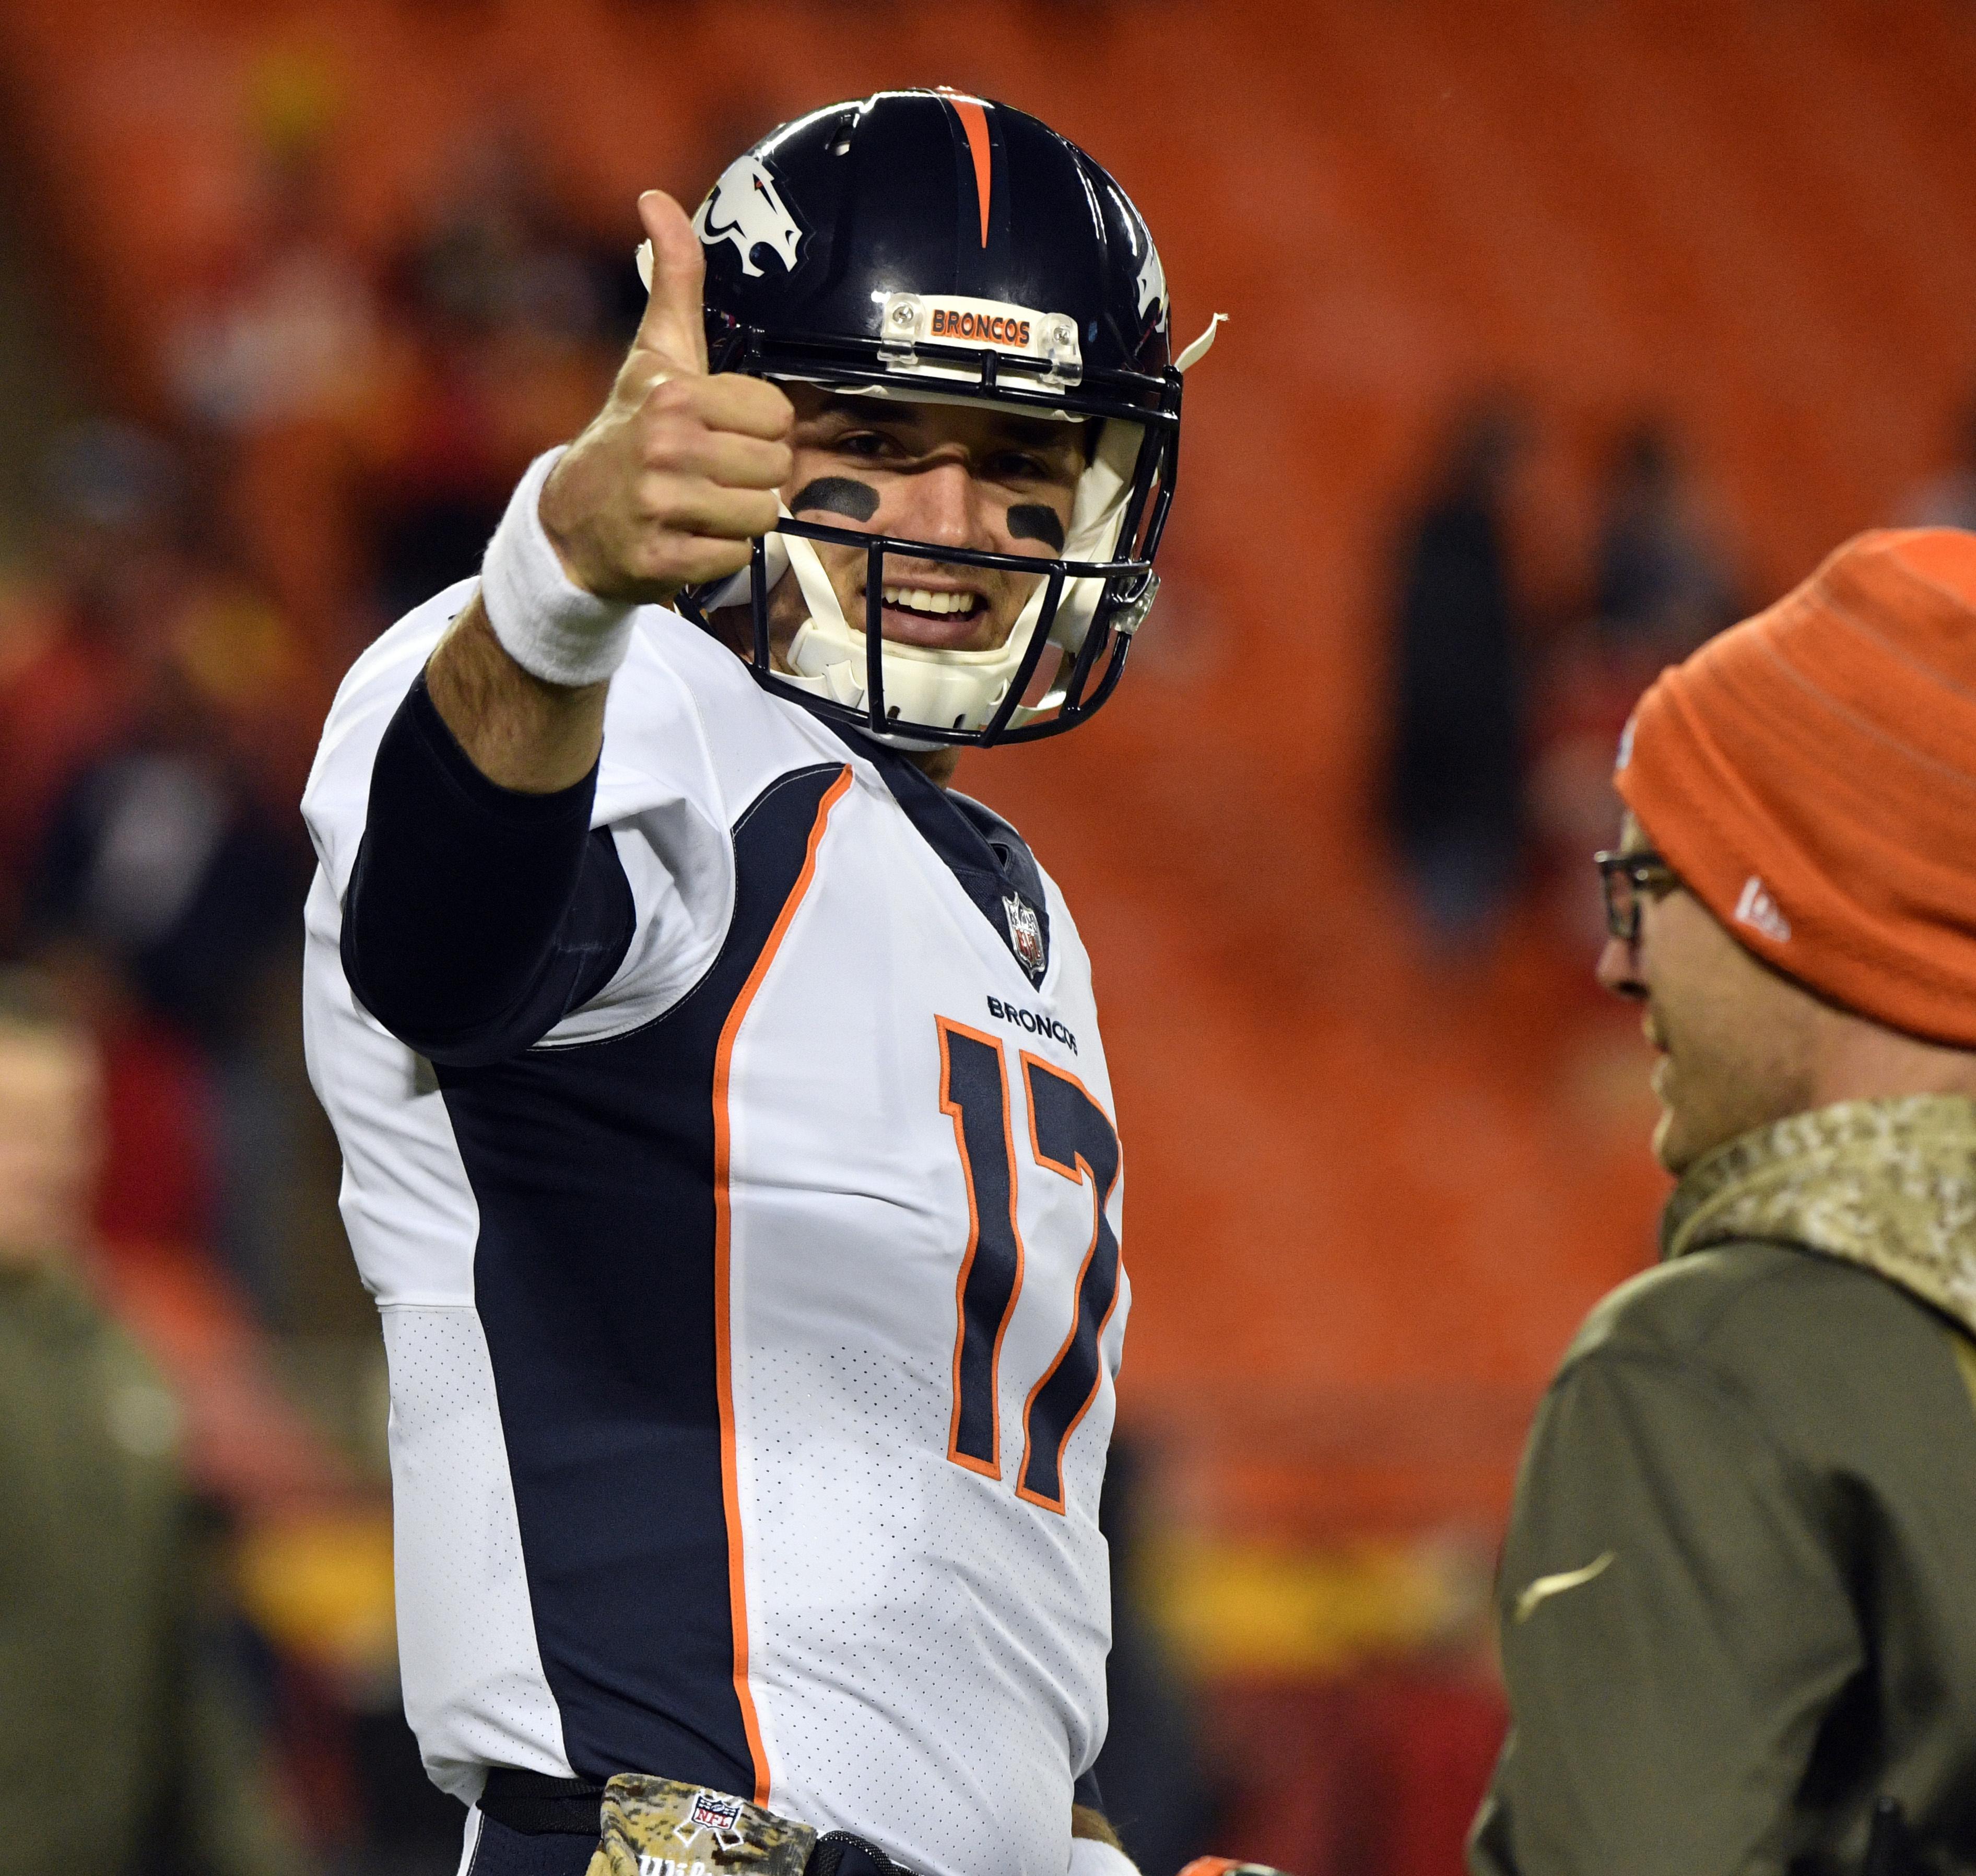 Denver Broncos Bench Trevor Siemian, Promote Brock